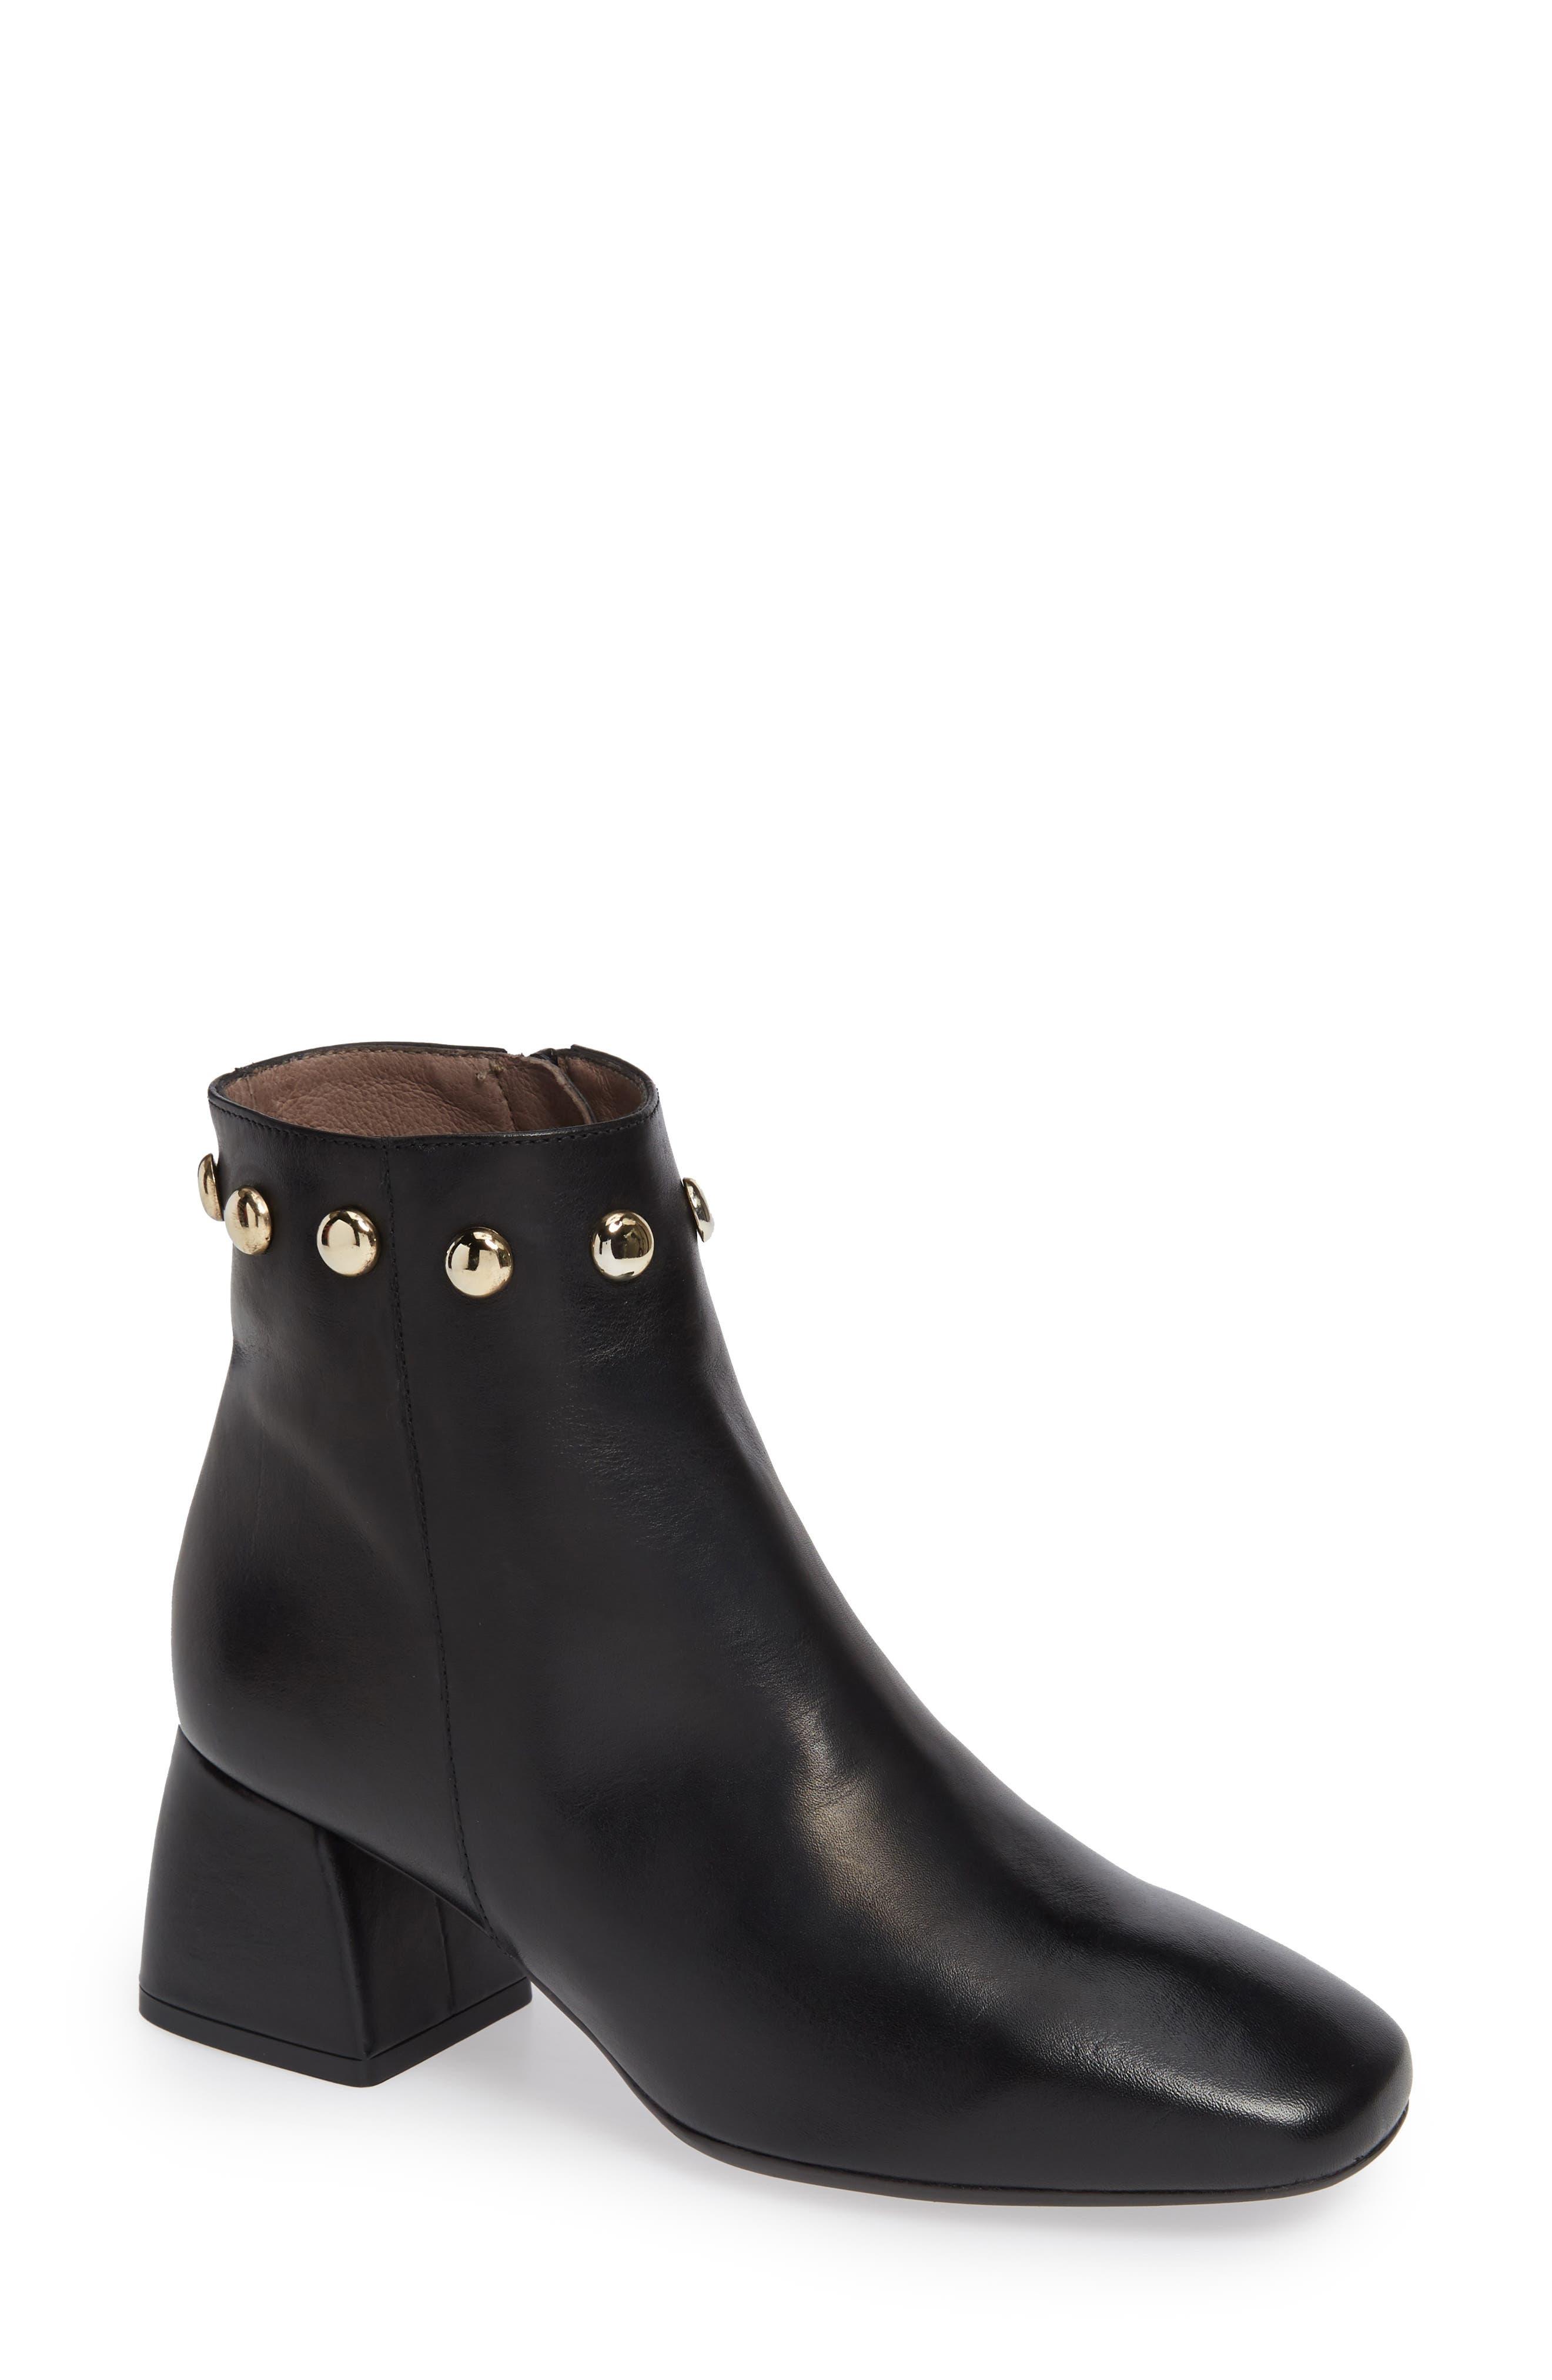 Wonders Block Heel Ankle Bootie - Black